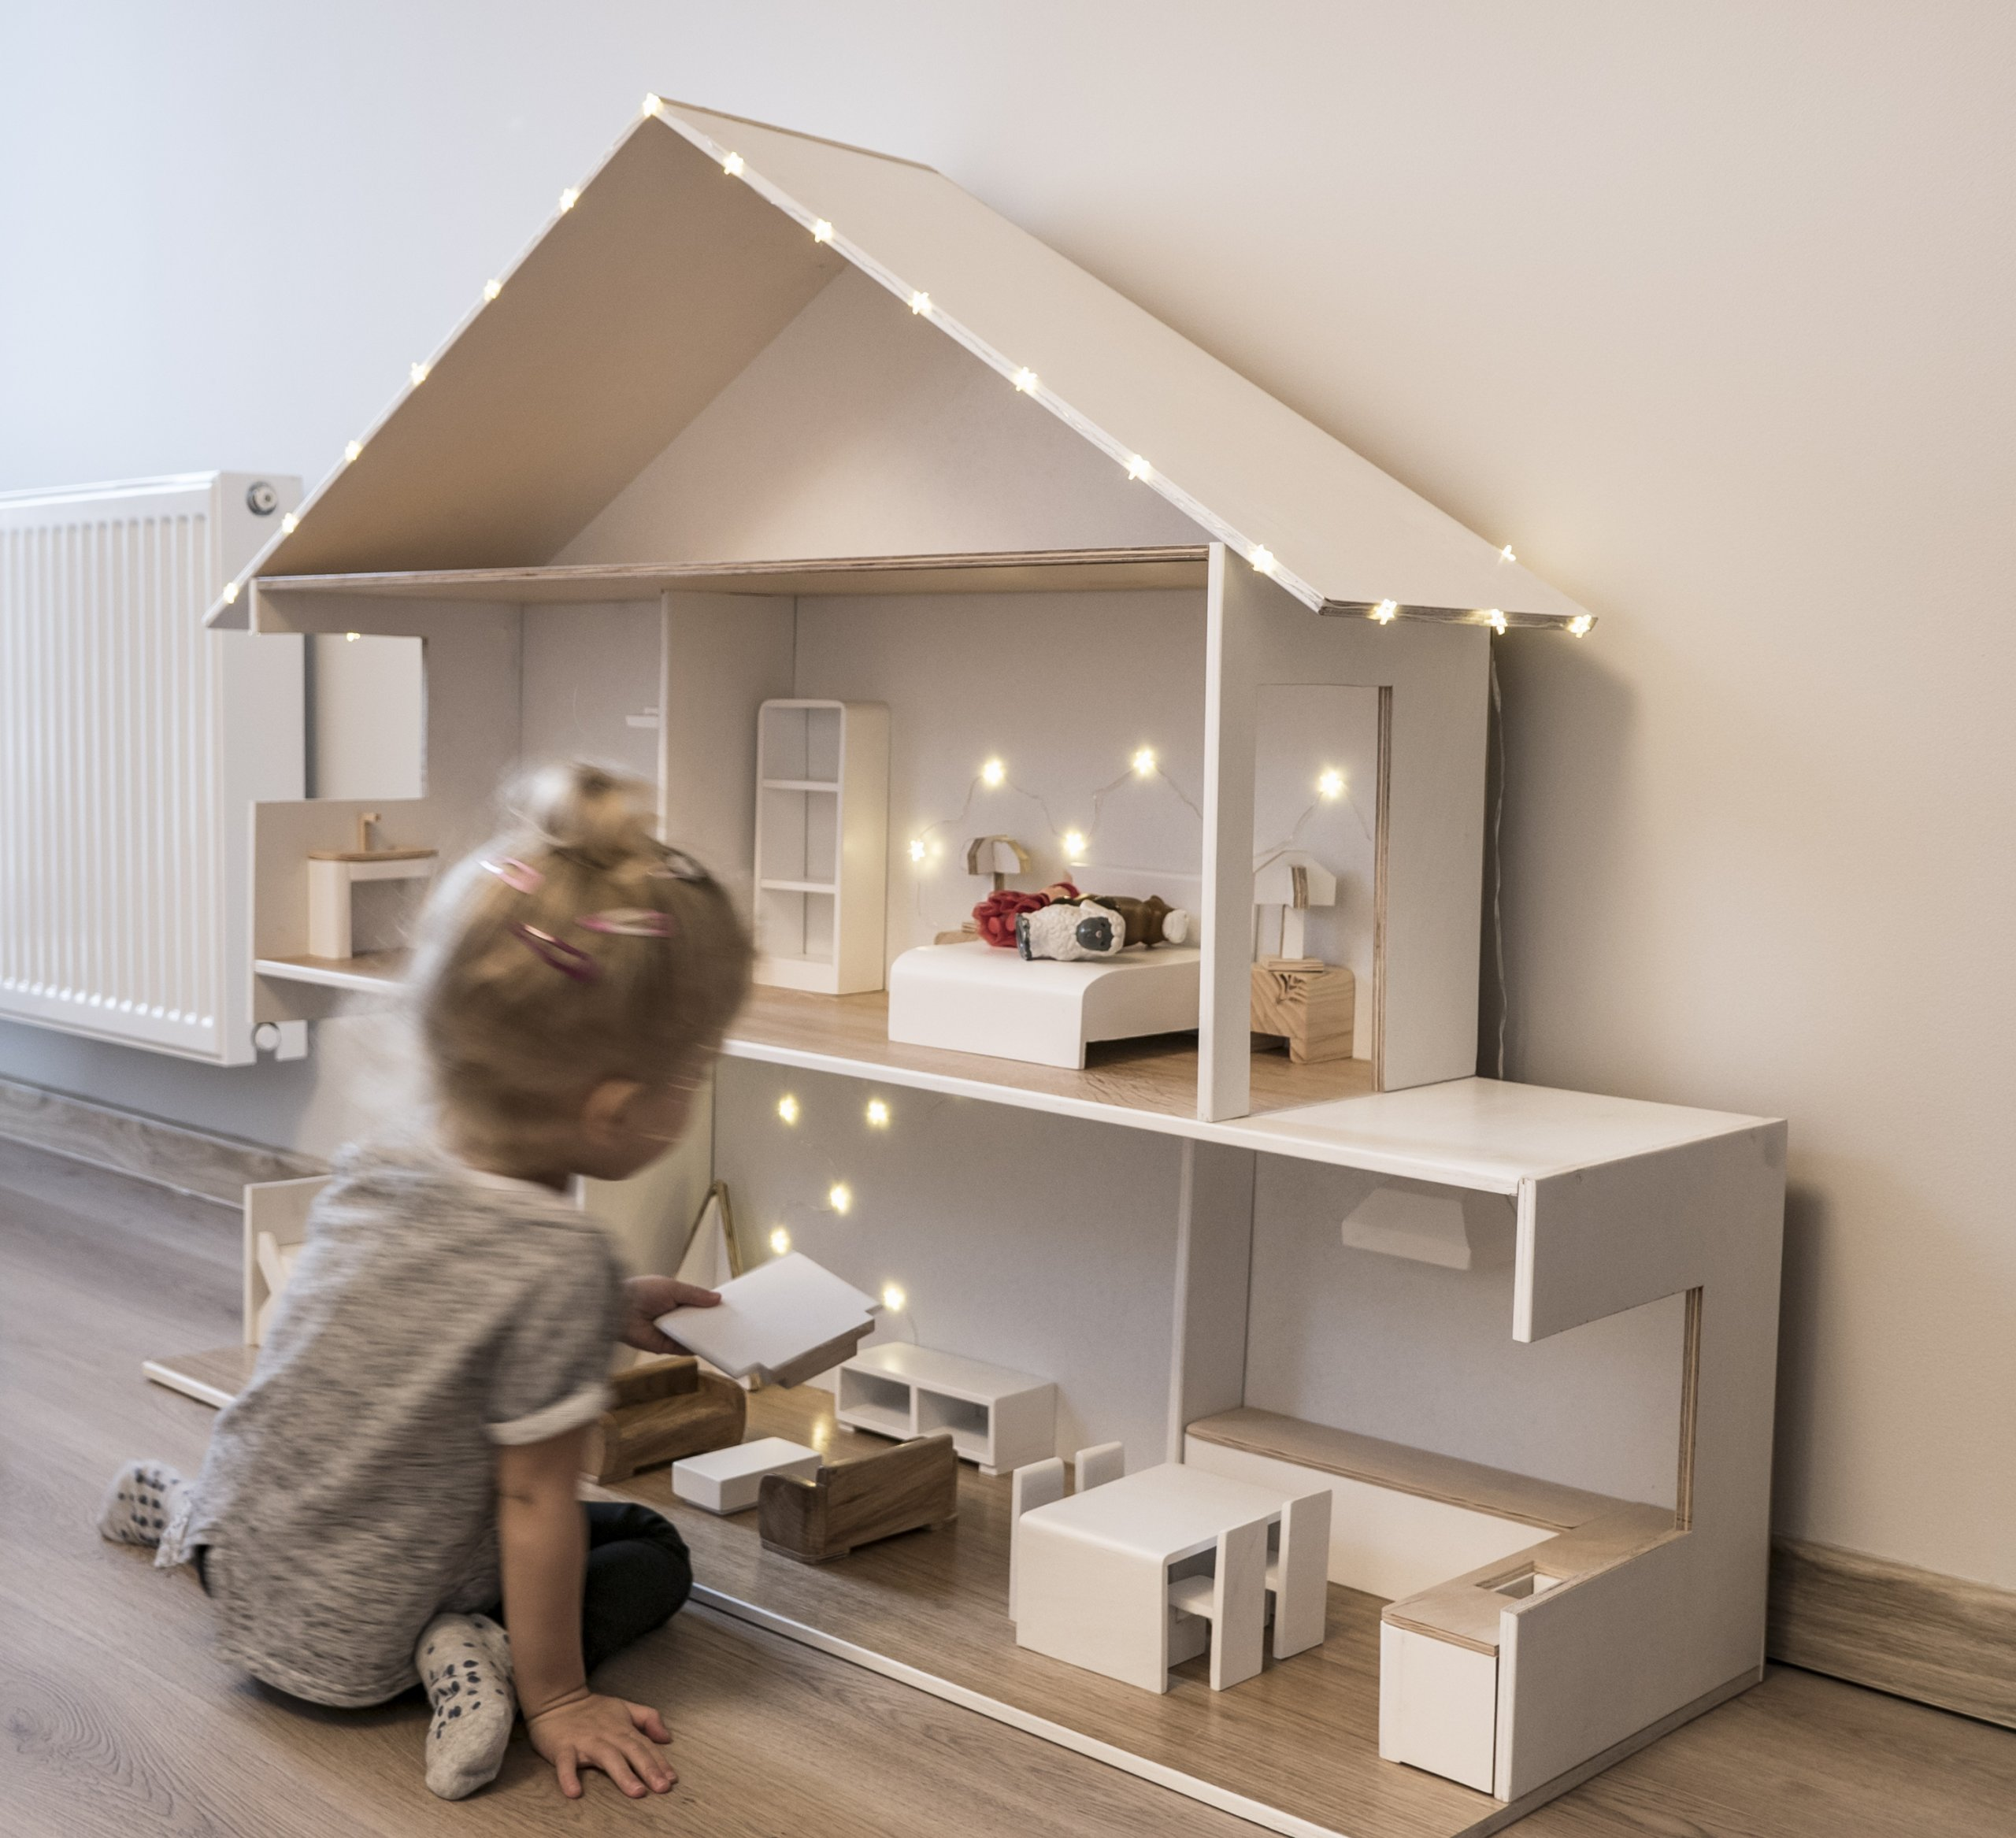 Drewniany Domek Dla Lalek Oświetlenie Mebelki